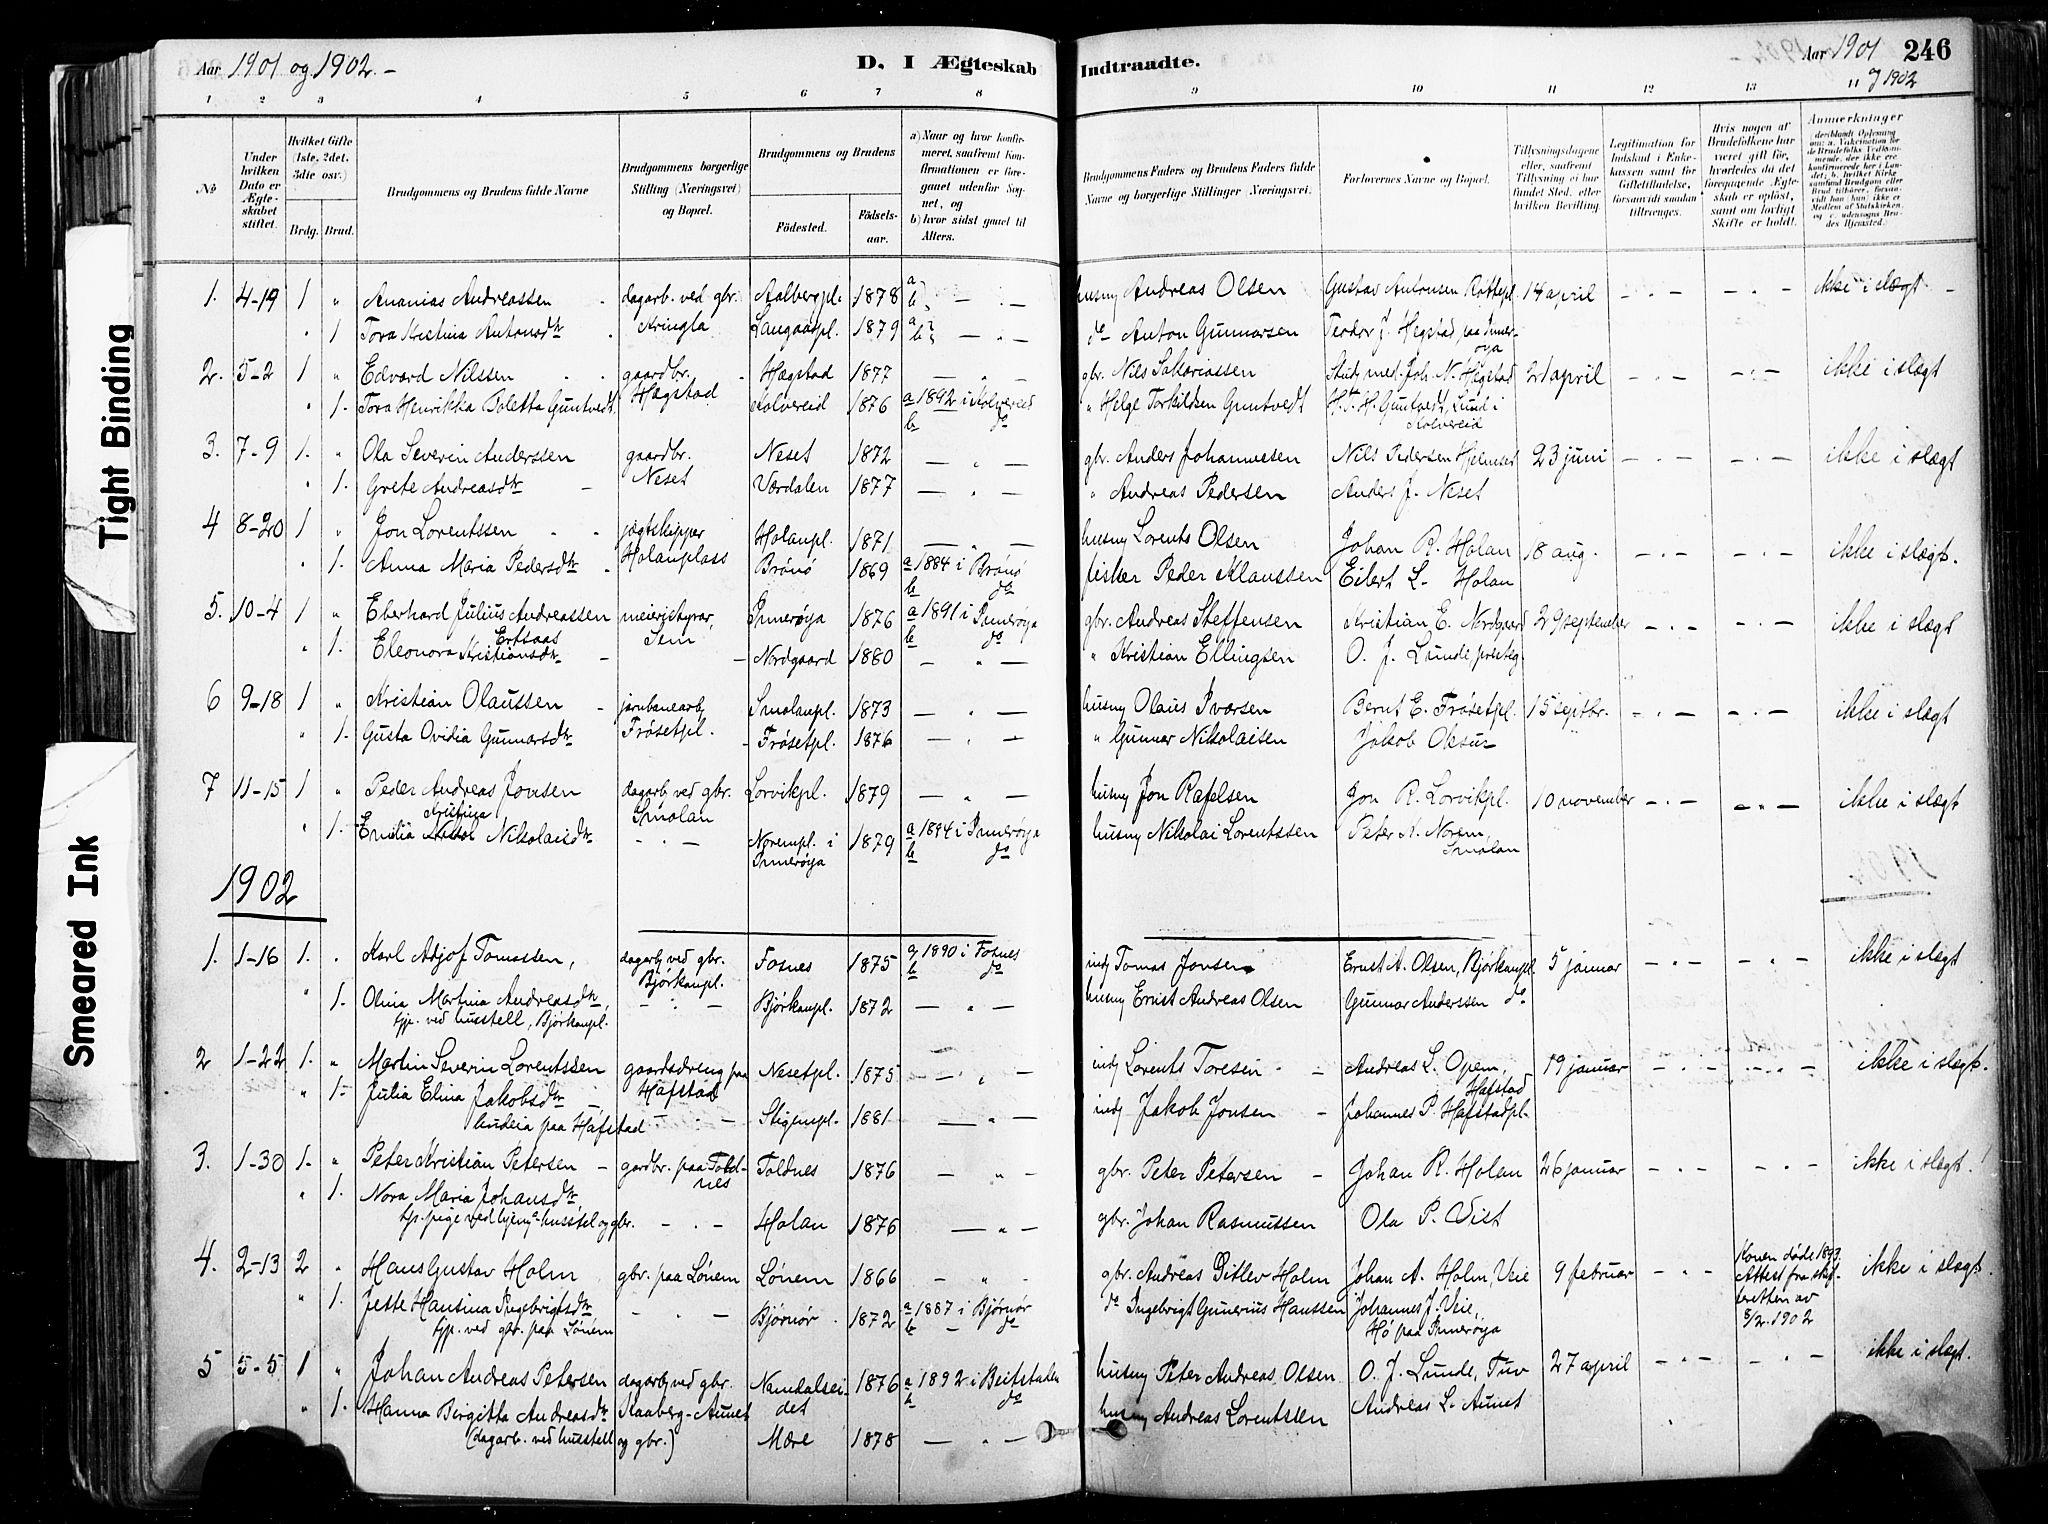 SAT, Ministerialprotokoller, klokkerbøker og fødselsregistre - Nord-Trøndelag, 735/L0351: Ministerialbok nr. 735A10, 1884-1908, s. 246